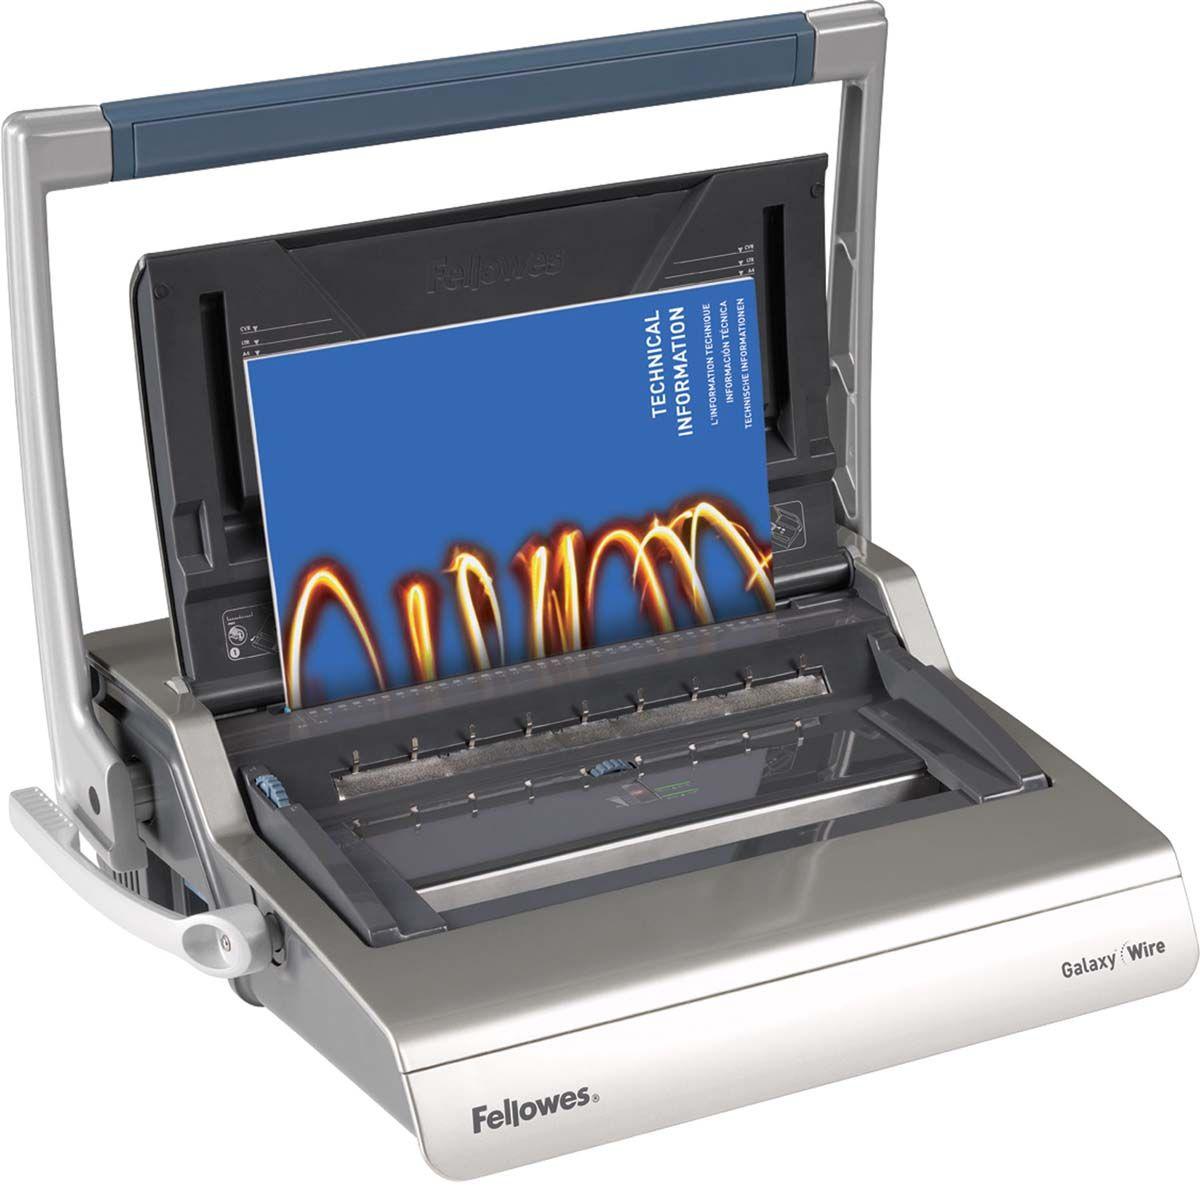 Fellowes Galaxy Wire переплетчикFS-56224Galaxy Wire – высокотехнологичный переплетчик на металлическую пружину. Предназначен для интенсивного использования в большом офисе. Основные характеристики: Кол-во сшиваемых листов: 130 шт. Кол-во пробиваемых листов: 20 шт. Диапазон диаметра пружины: 6-14 мм. Гарантия: 2 года. Брошюровщик оснащен технологиями, которые ускорят и упростят переплет документов: Широкая ручка для перфорации: Удобна в работе как для правшей, так и для левшей. Равномерно распределяет усилия на ножи. Автоматические створки лотка для отходов: При переполнении лотка для отходов створка лотка автоматически открывается, что сигнализирует о необходимости его опустошения. Регулировка закрытия пружины. Обеспечивает контроль за степенью сжатия металлической пружины. Селектор формата: Точное выравнивание листов различных форматов по краю. Селектор диаметра пружин и толщины документа: Простой подбор пружины по толщине документа. Лоток для обложек и пружин. Выдвигаемое хранилище с запатентованным селектором...